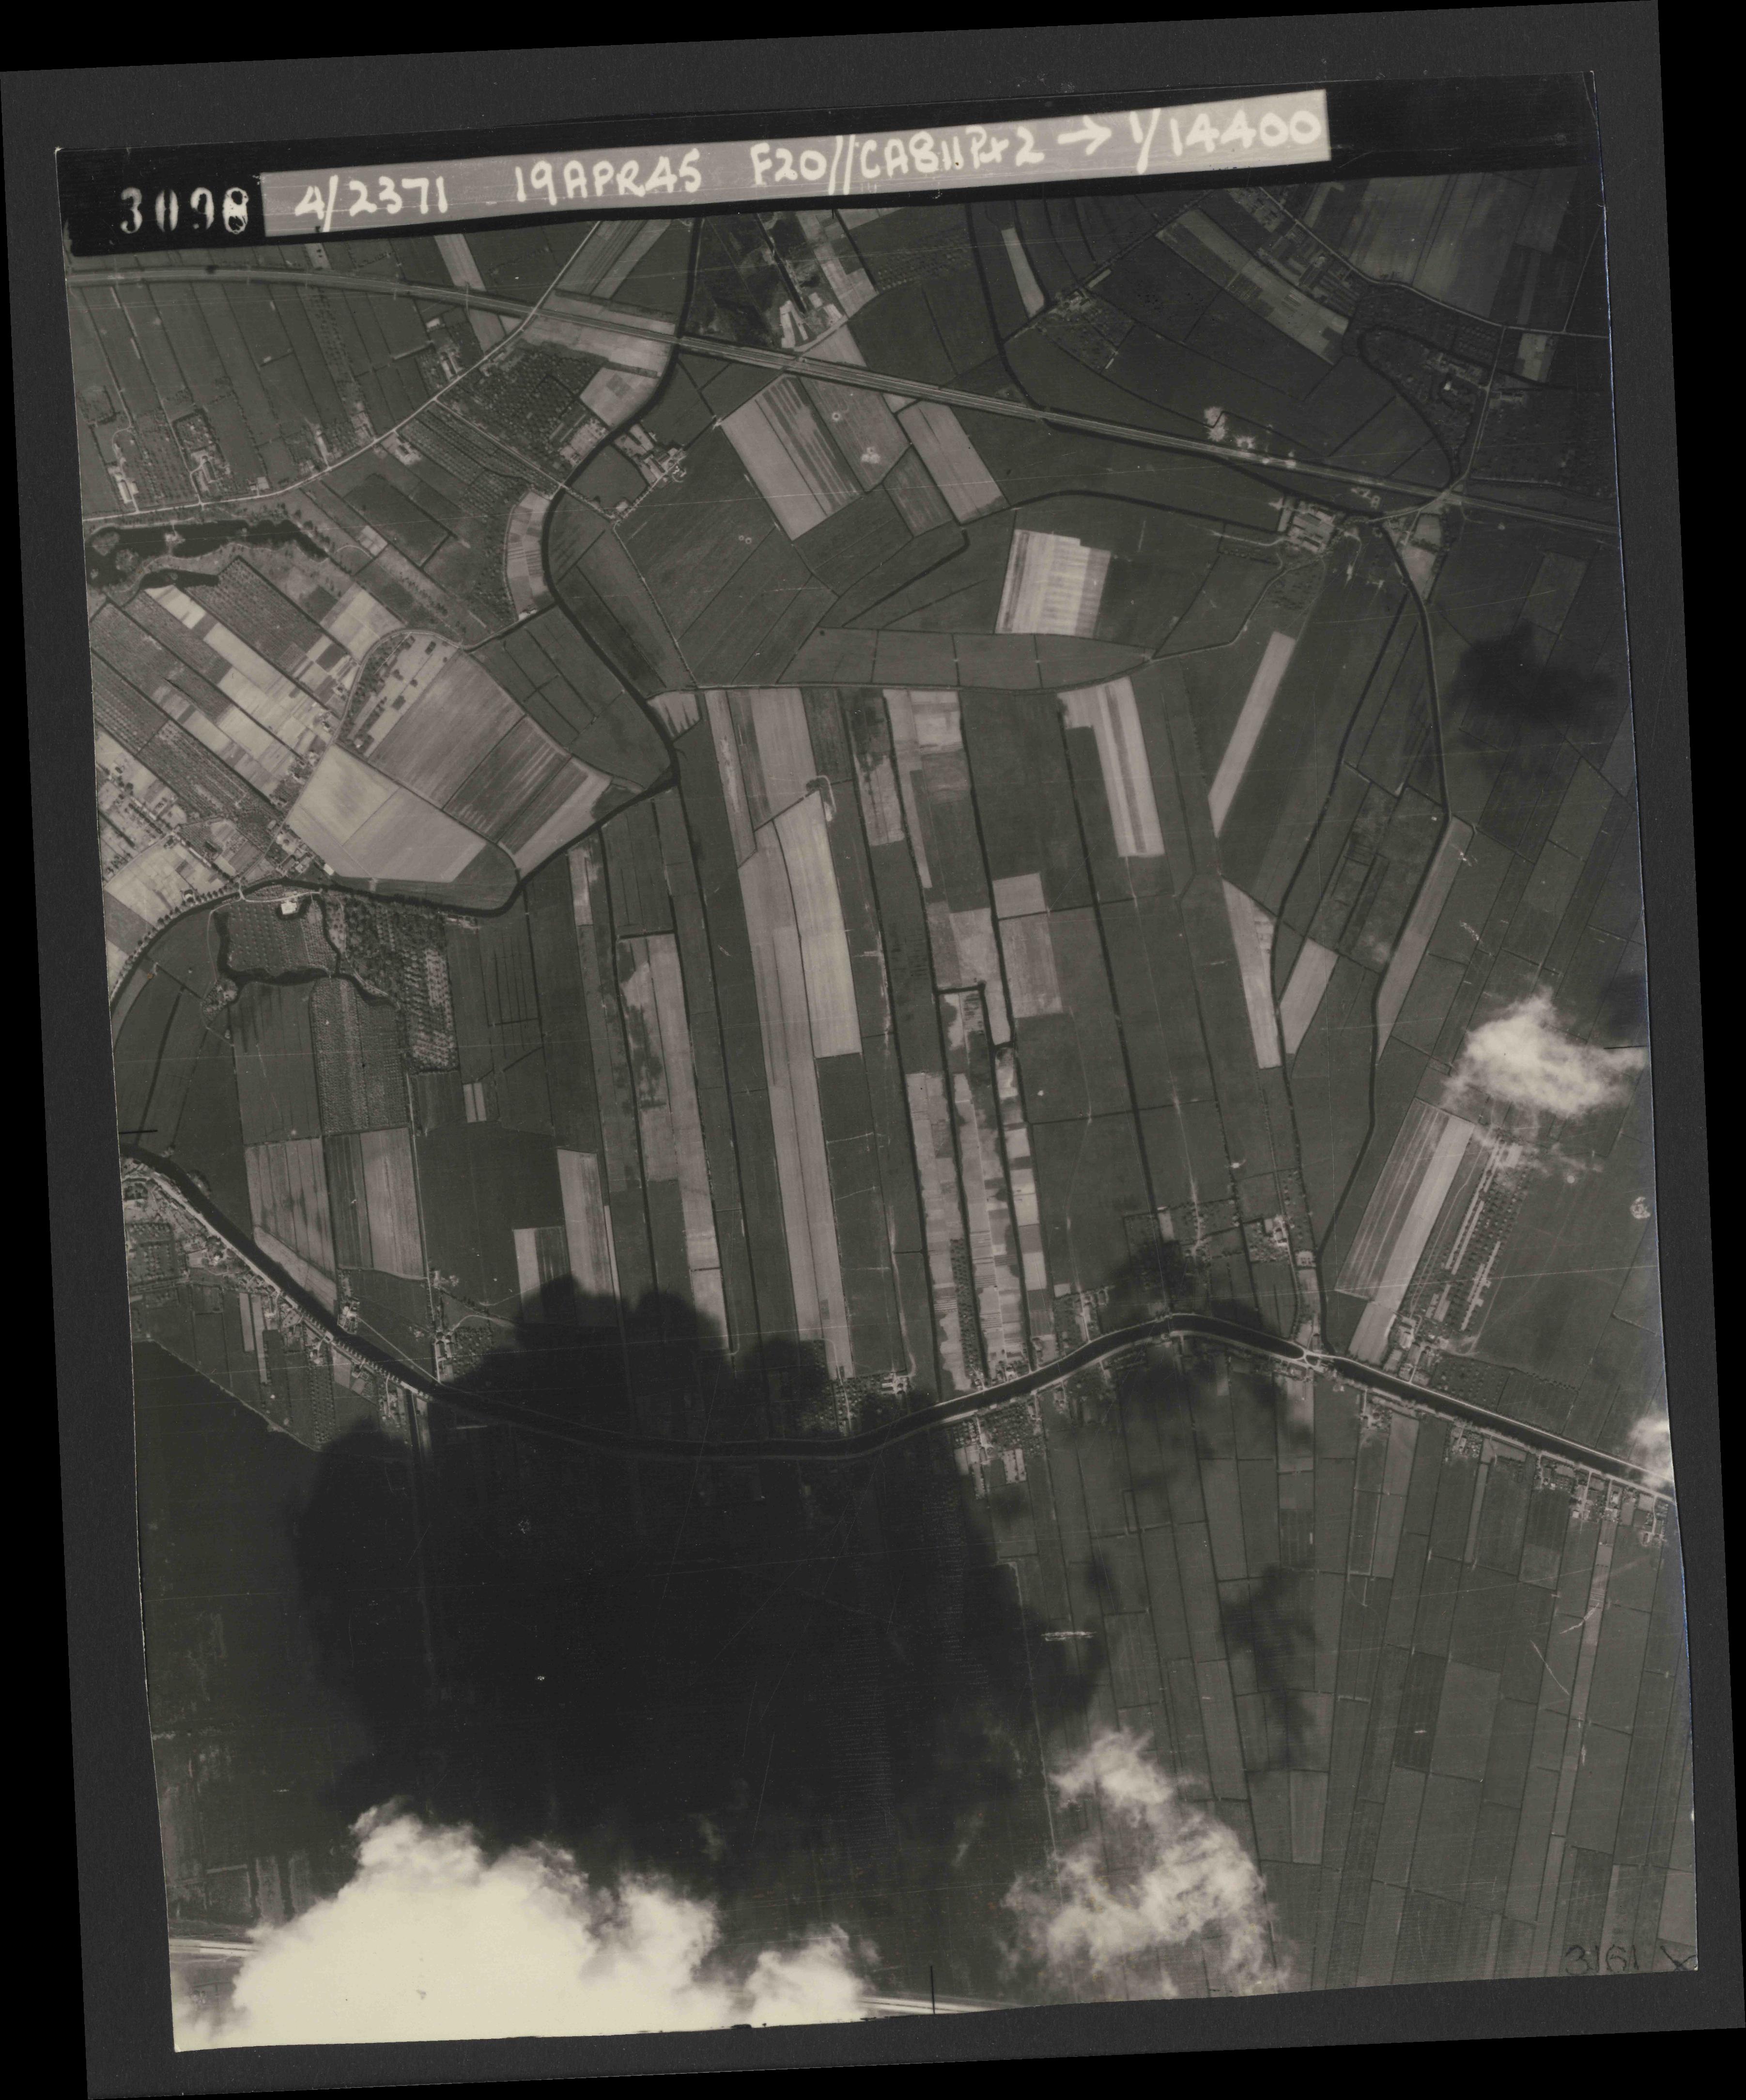 Collection RAF aerial photos 1940-1945 - flight 305, run 07, photo 3098